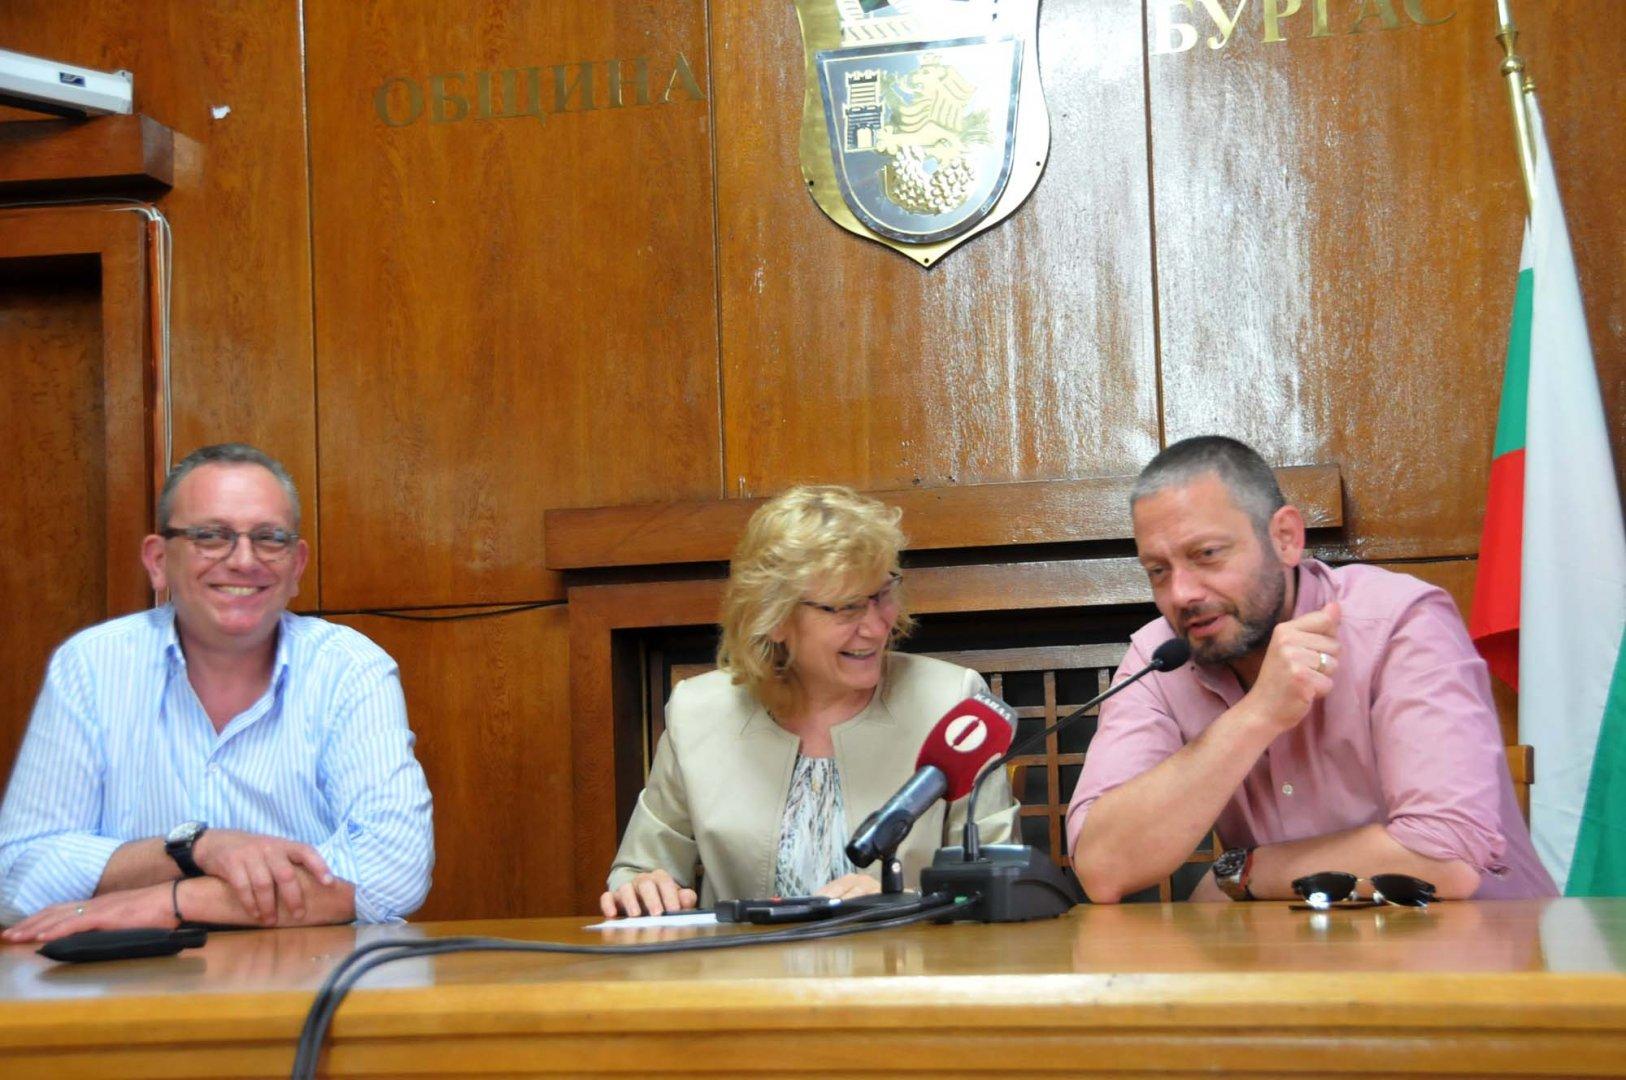 Братя Стоянович се надяват, че ще успеят да финализират успешно преговорите с Вендерс и Кустурица. Снимка Лина Главинова